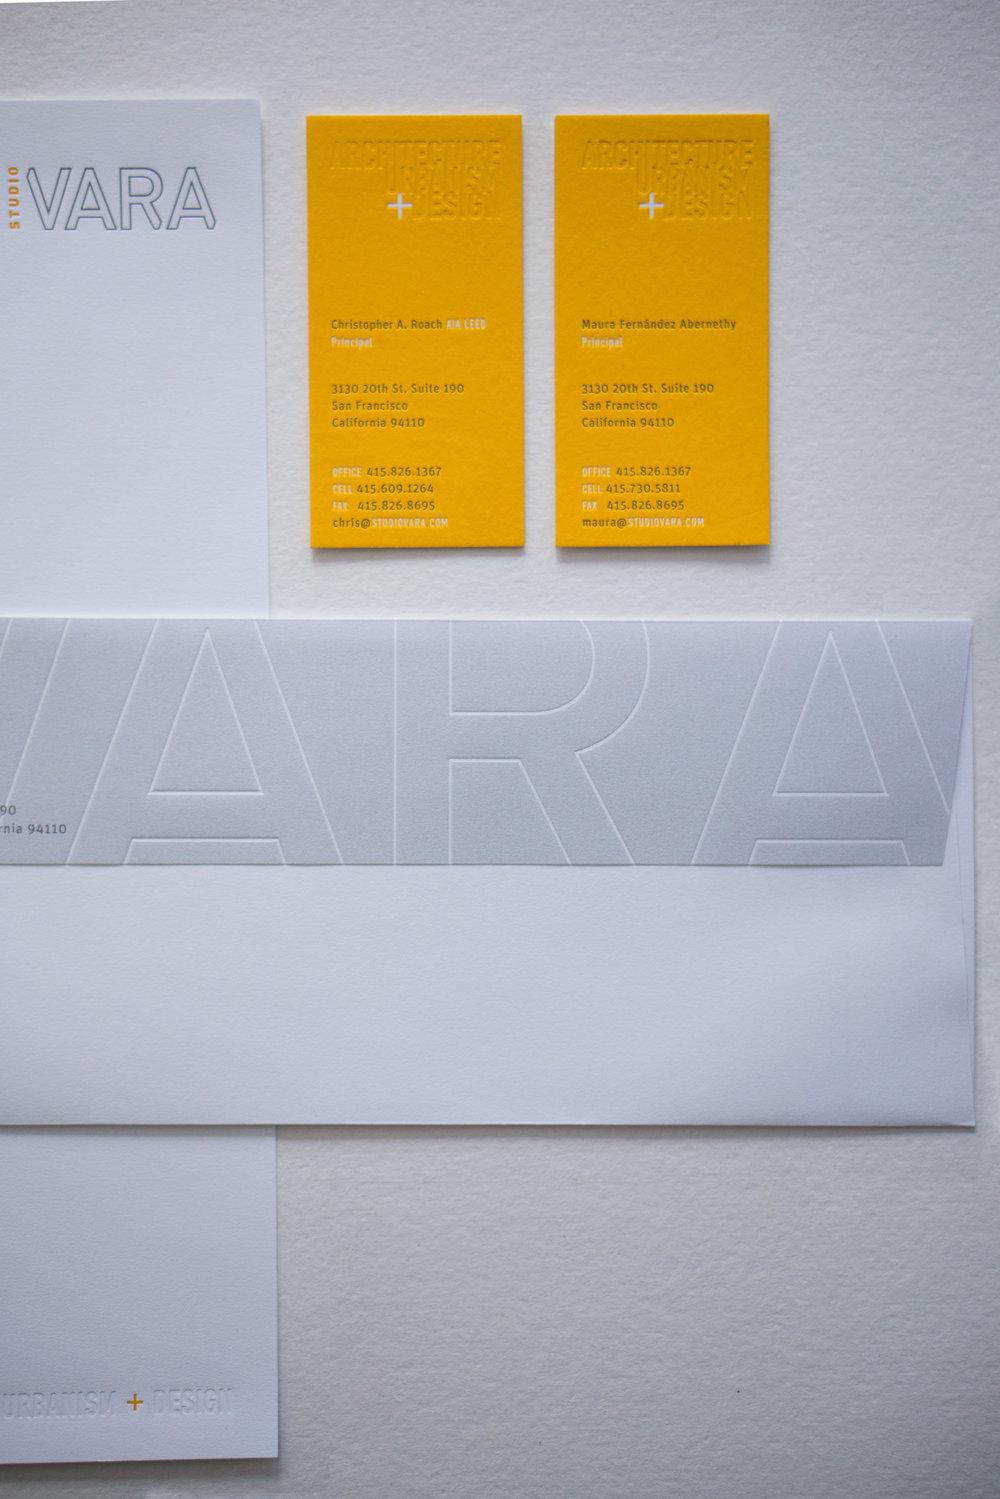 Vara_2.jpg